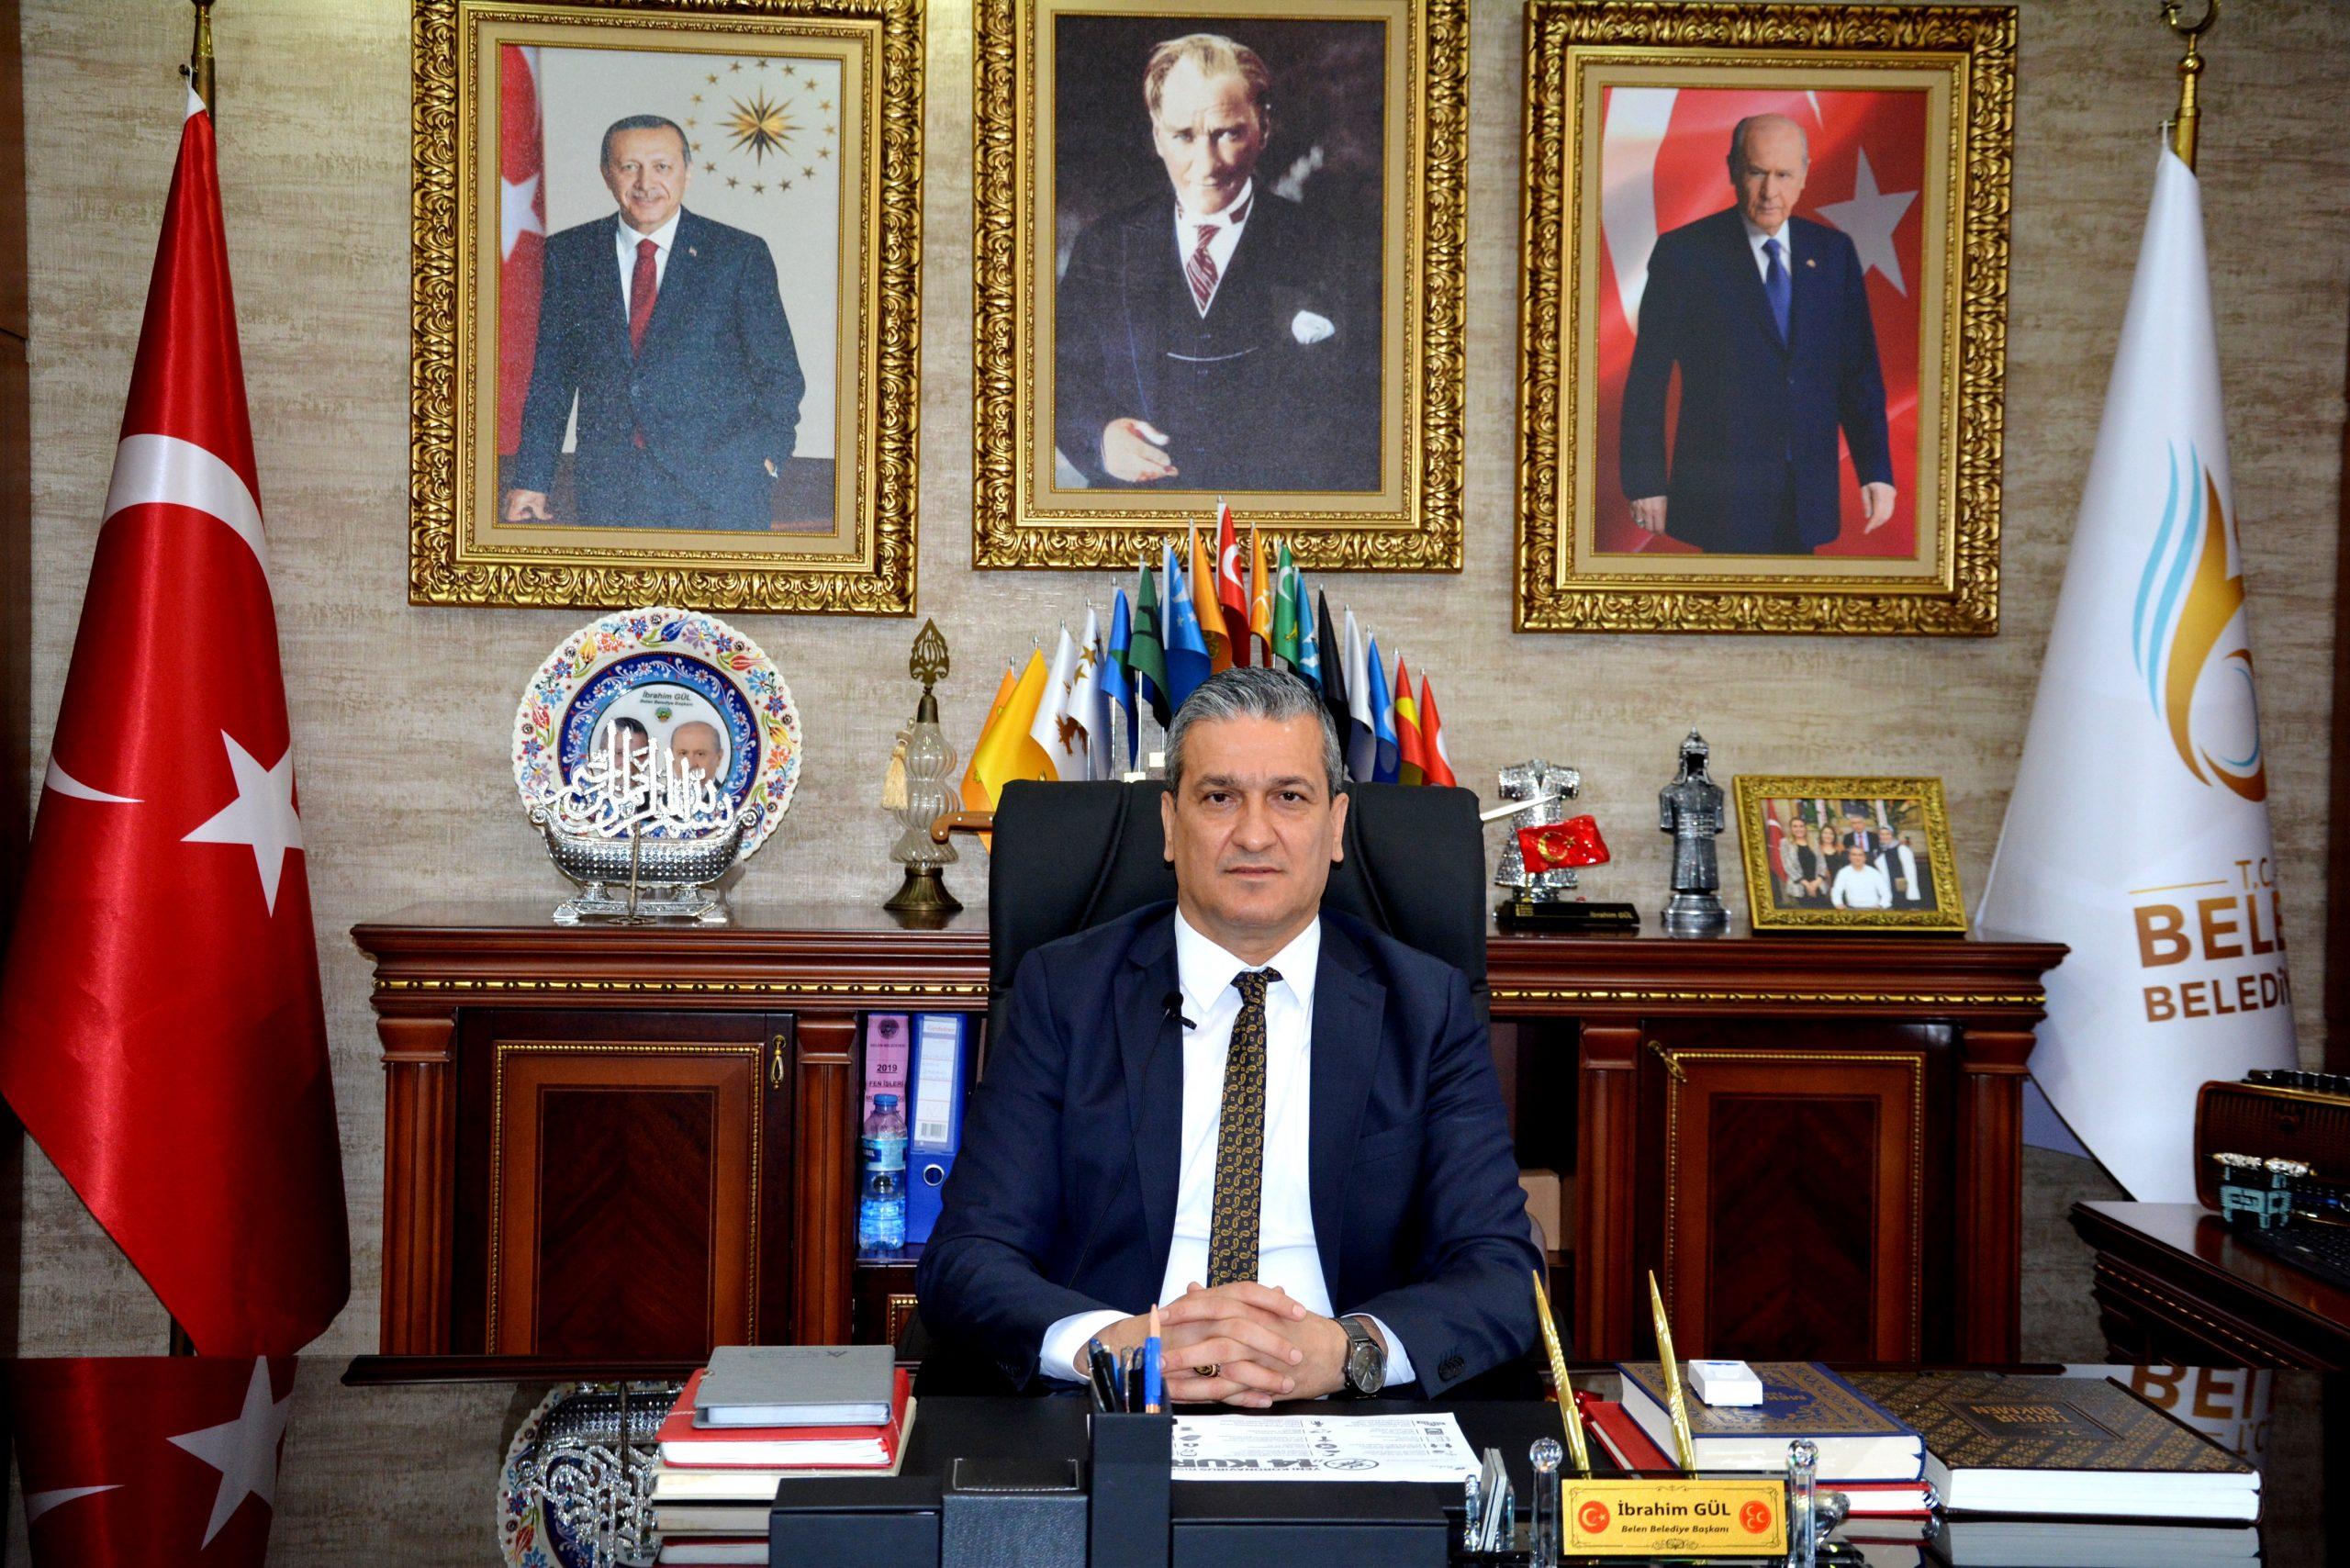 Belen Belediye Başkanı İbrahim Gül; Göreve geldiği günden bu yana yaptığı çalışmaları değerlendirerek, Belenli hemşerilerine seslendi